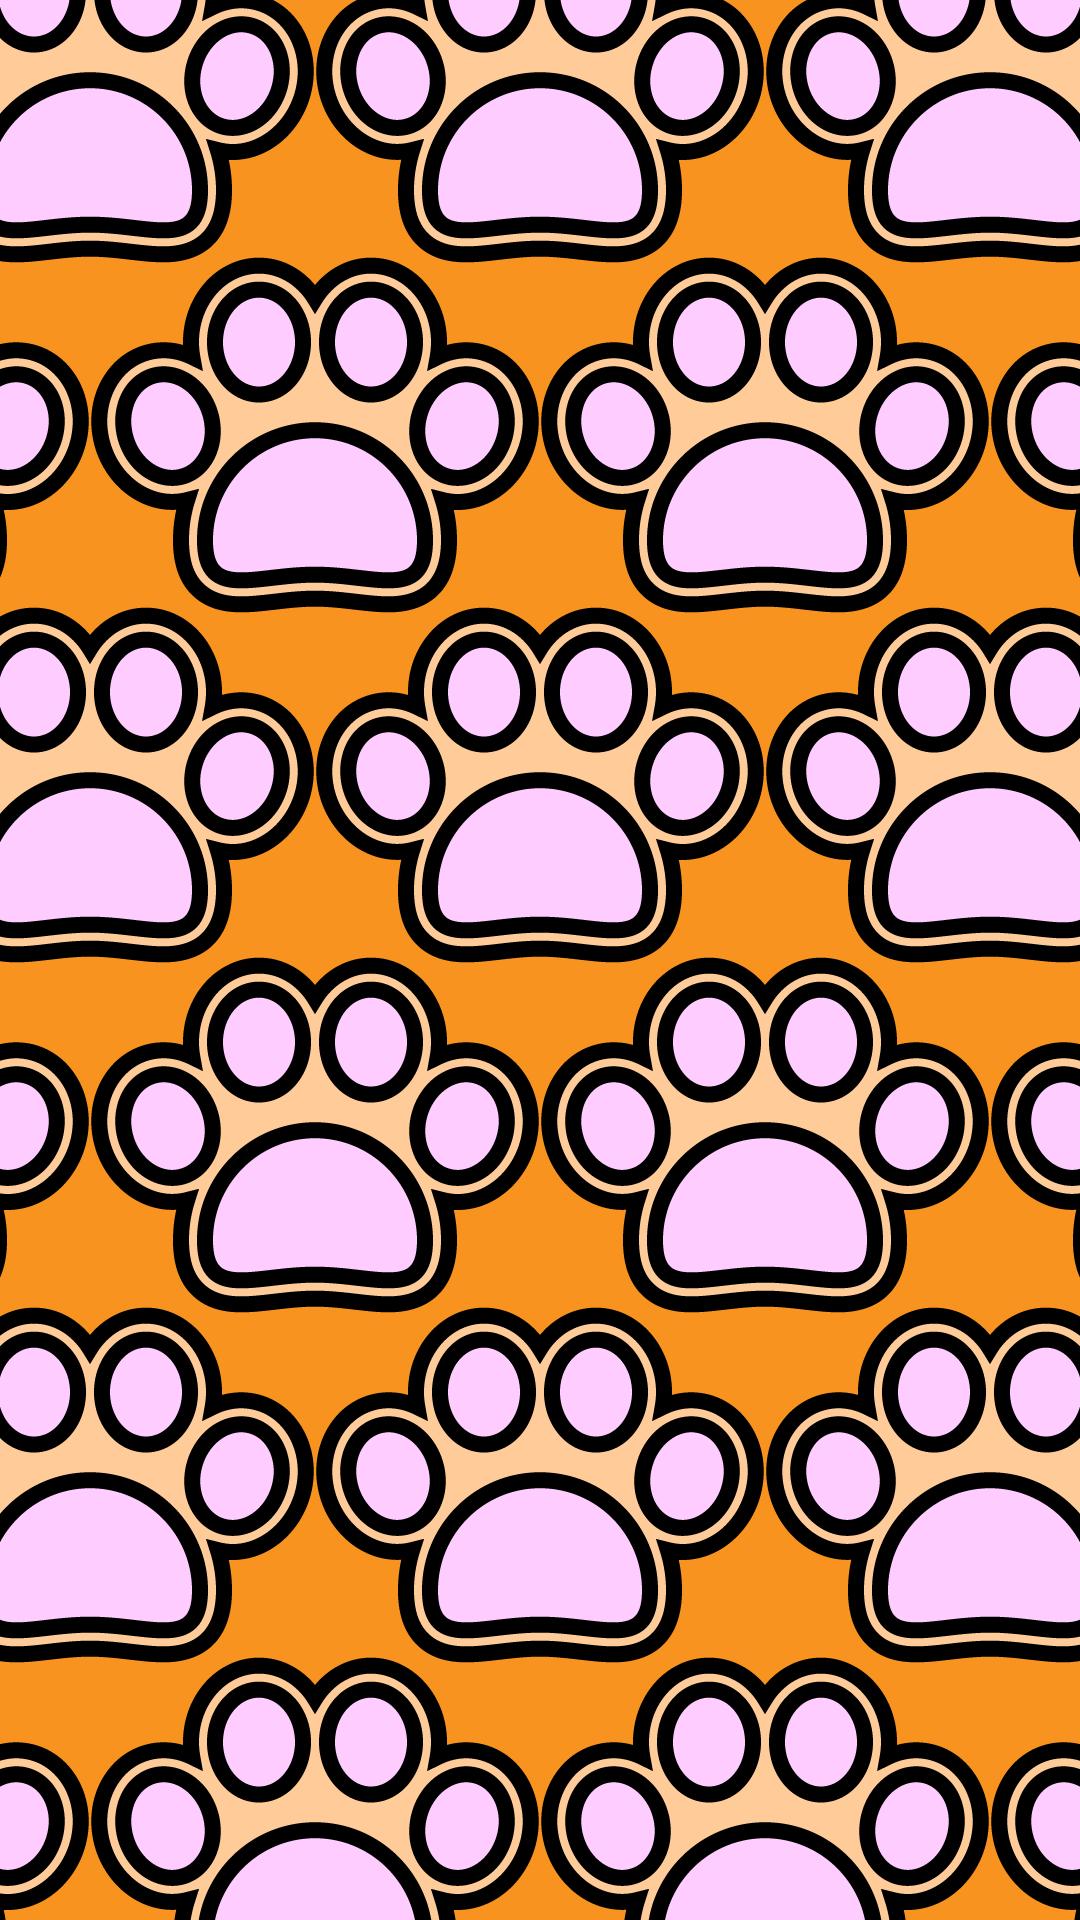 かわいい犬の肉球づくし壁紙(iPhone)の無料イラスト・商用フリー